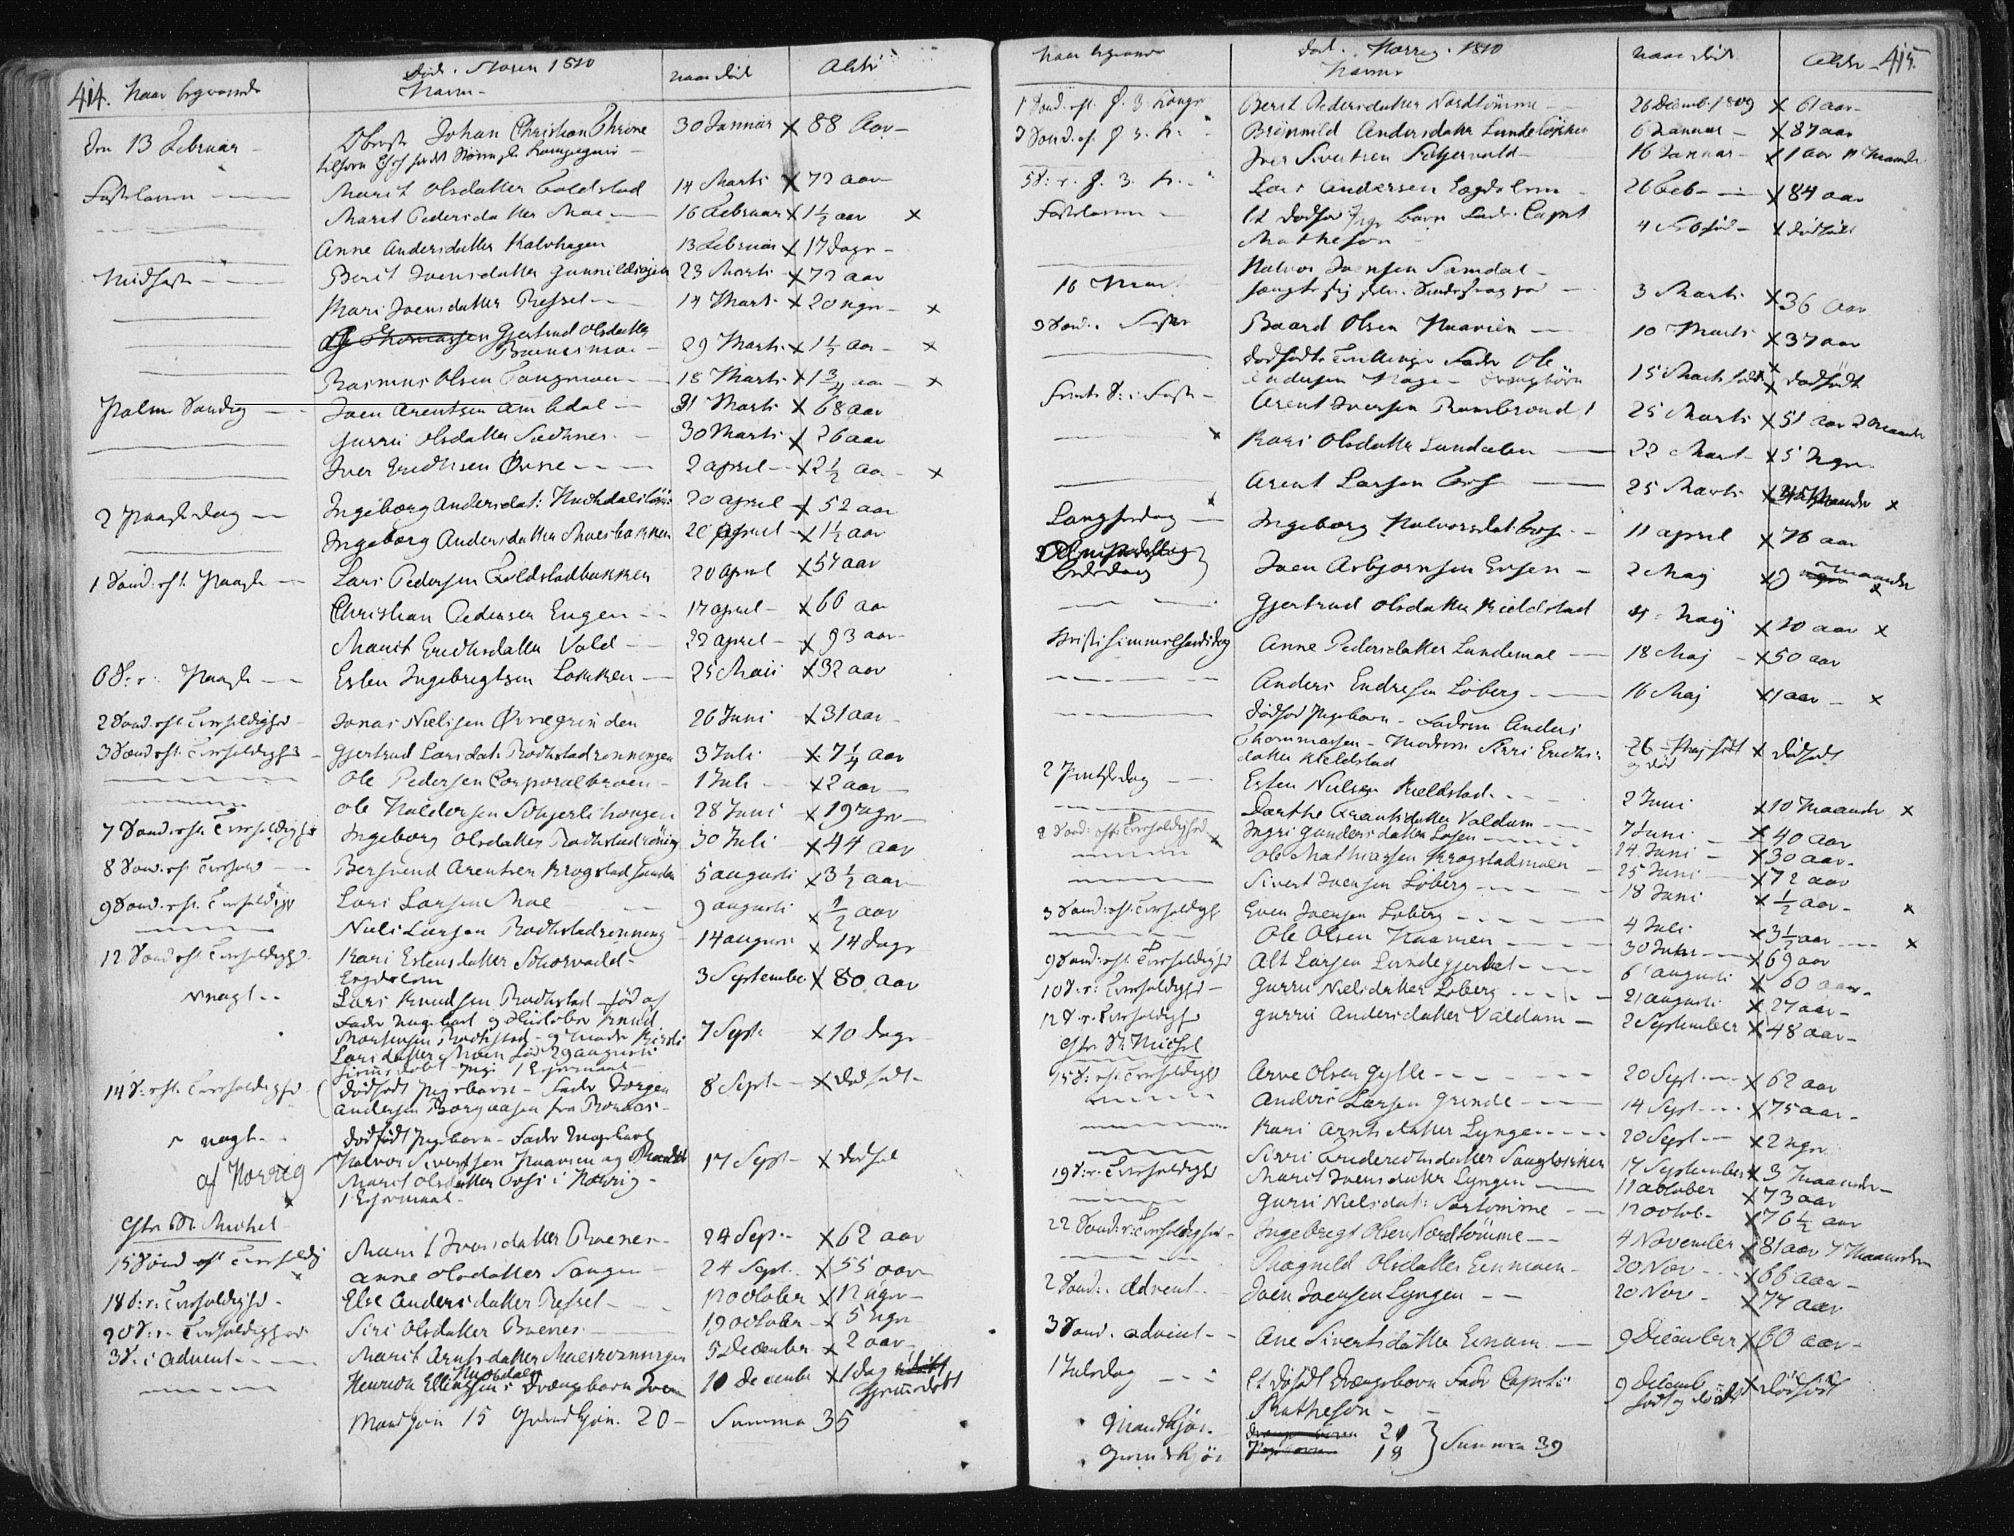 SAT, Ministerialprotokoller, klokkerbøker og fødselsregistre - Sør-Trøndelag, 687/L0992: Ministerialbok nr. 687A03 /1, 1788-1815, s. 414-415